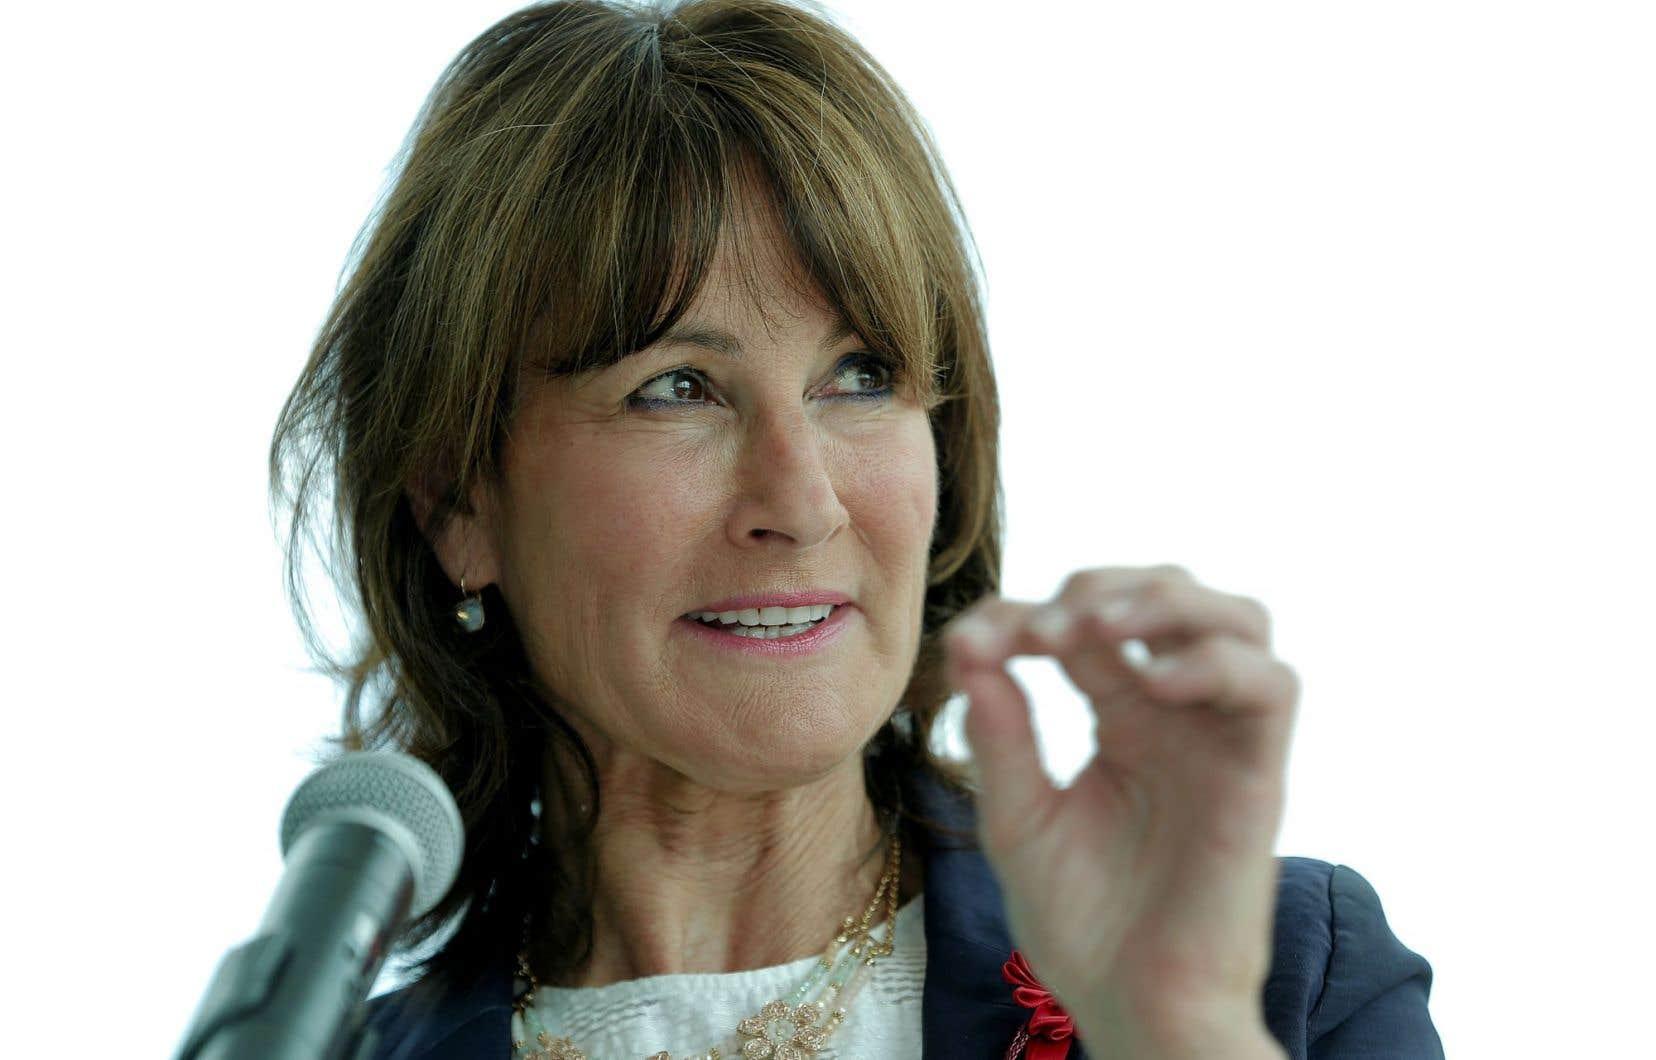 La ministre de l'Immigration, de la Diversité et de l'Inclusion, Kathleen Weil, doit déposer sous peu une nouvelle politique d'immigration qui devrait révéler les véritables intentions du gouvernement Couillard en la matière.